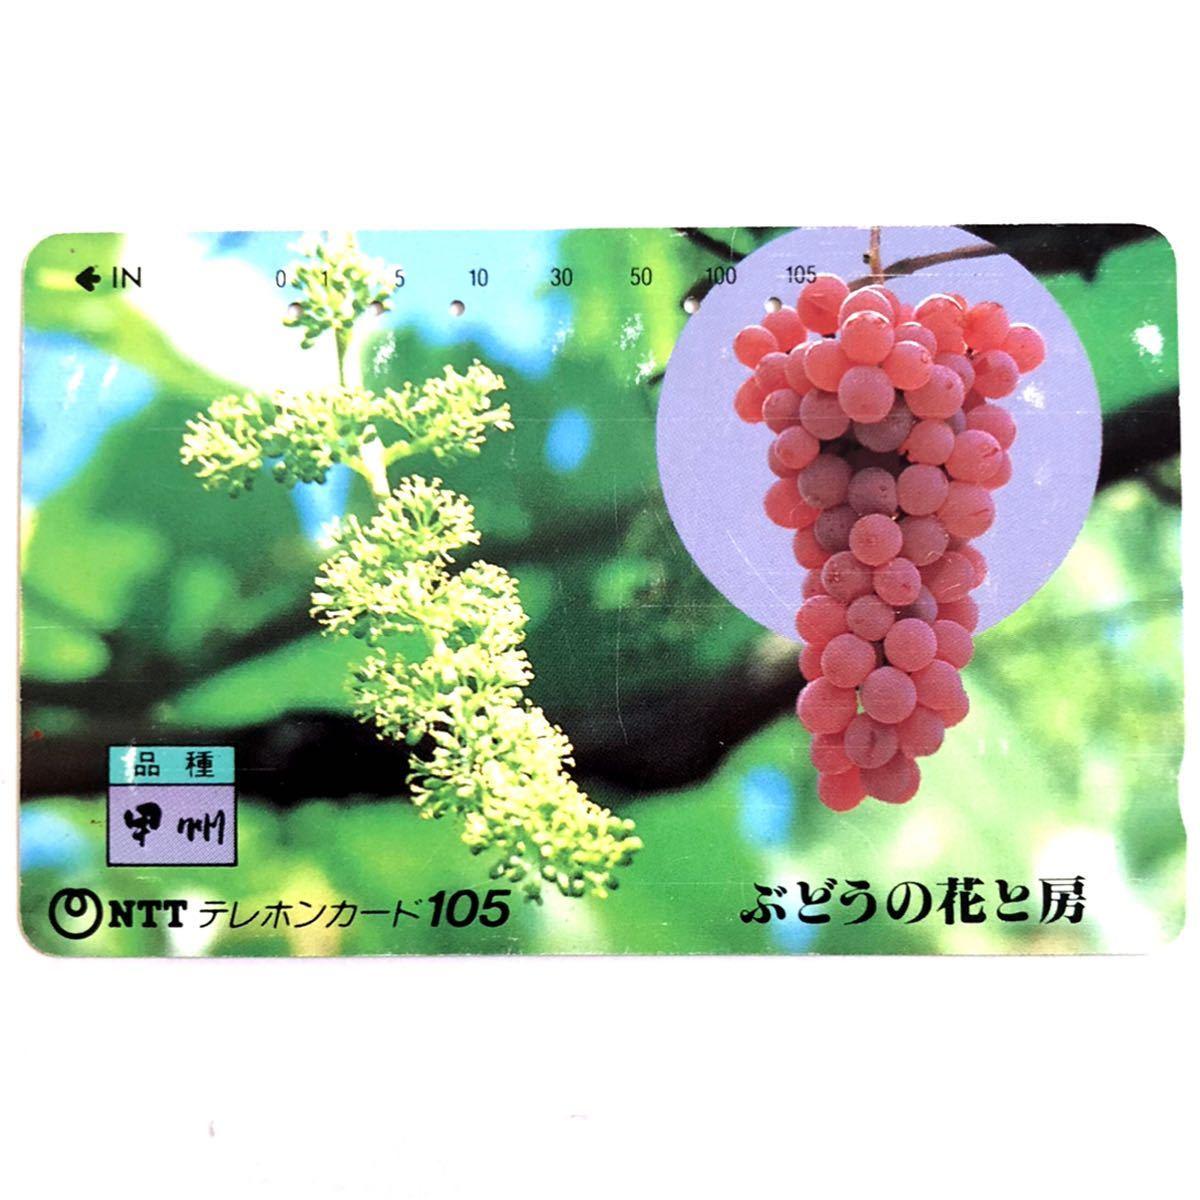 【使用済み・度数0・テレホンカード】 植物・果物 『甲州 ぶどうの花と房』 1990年 同梱可 テレカ_画像1